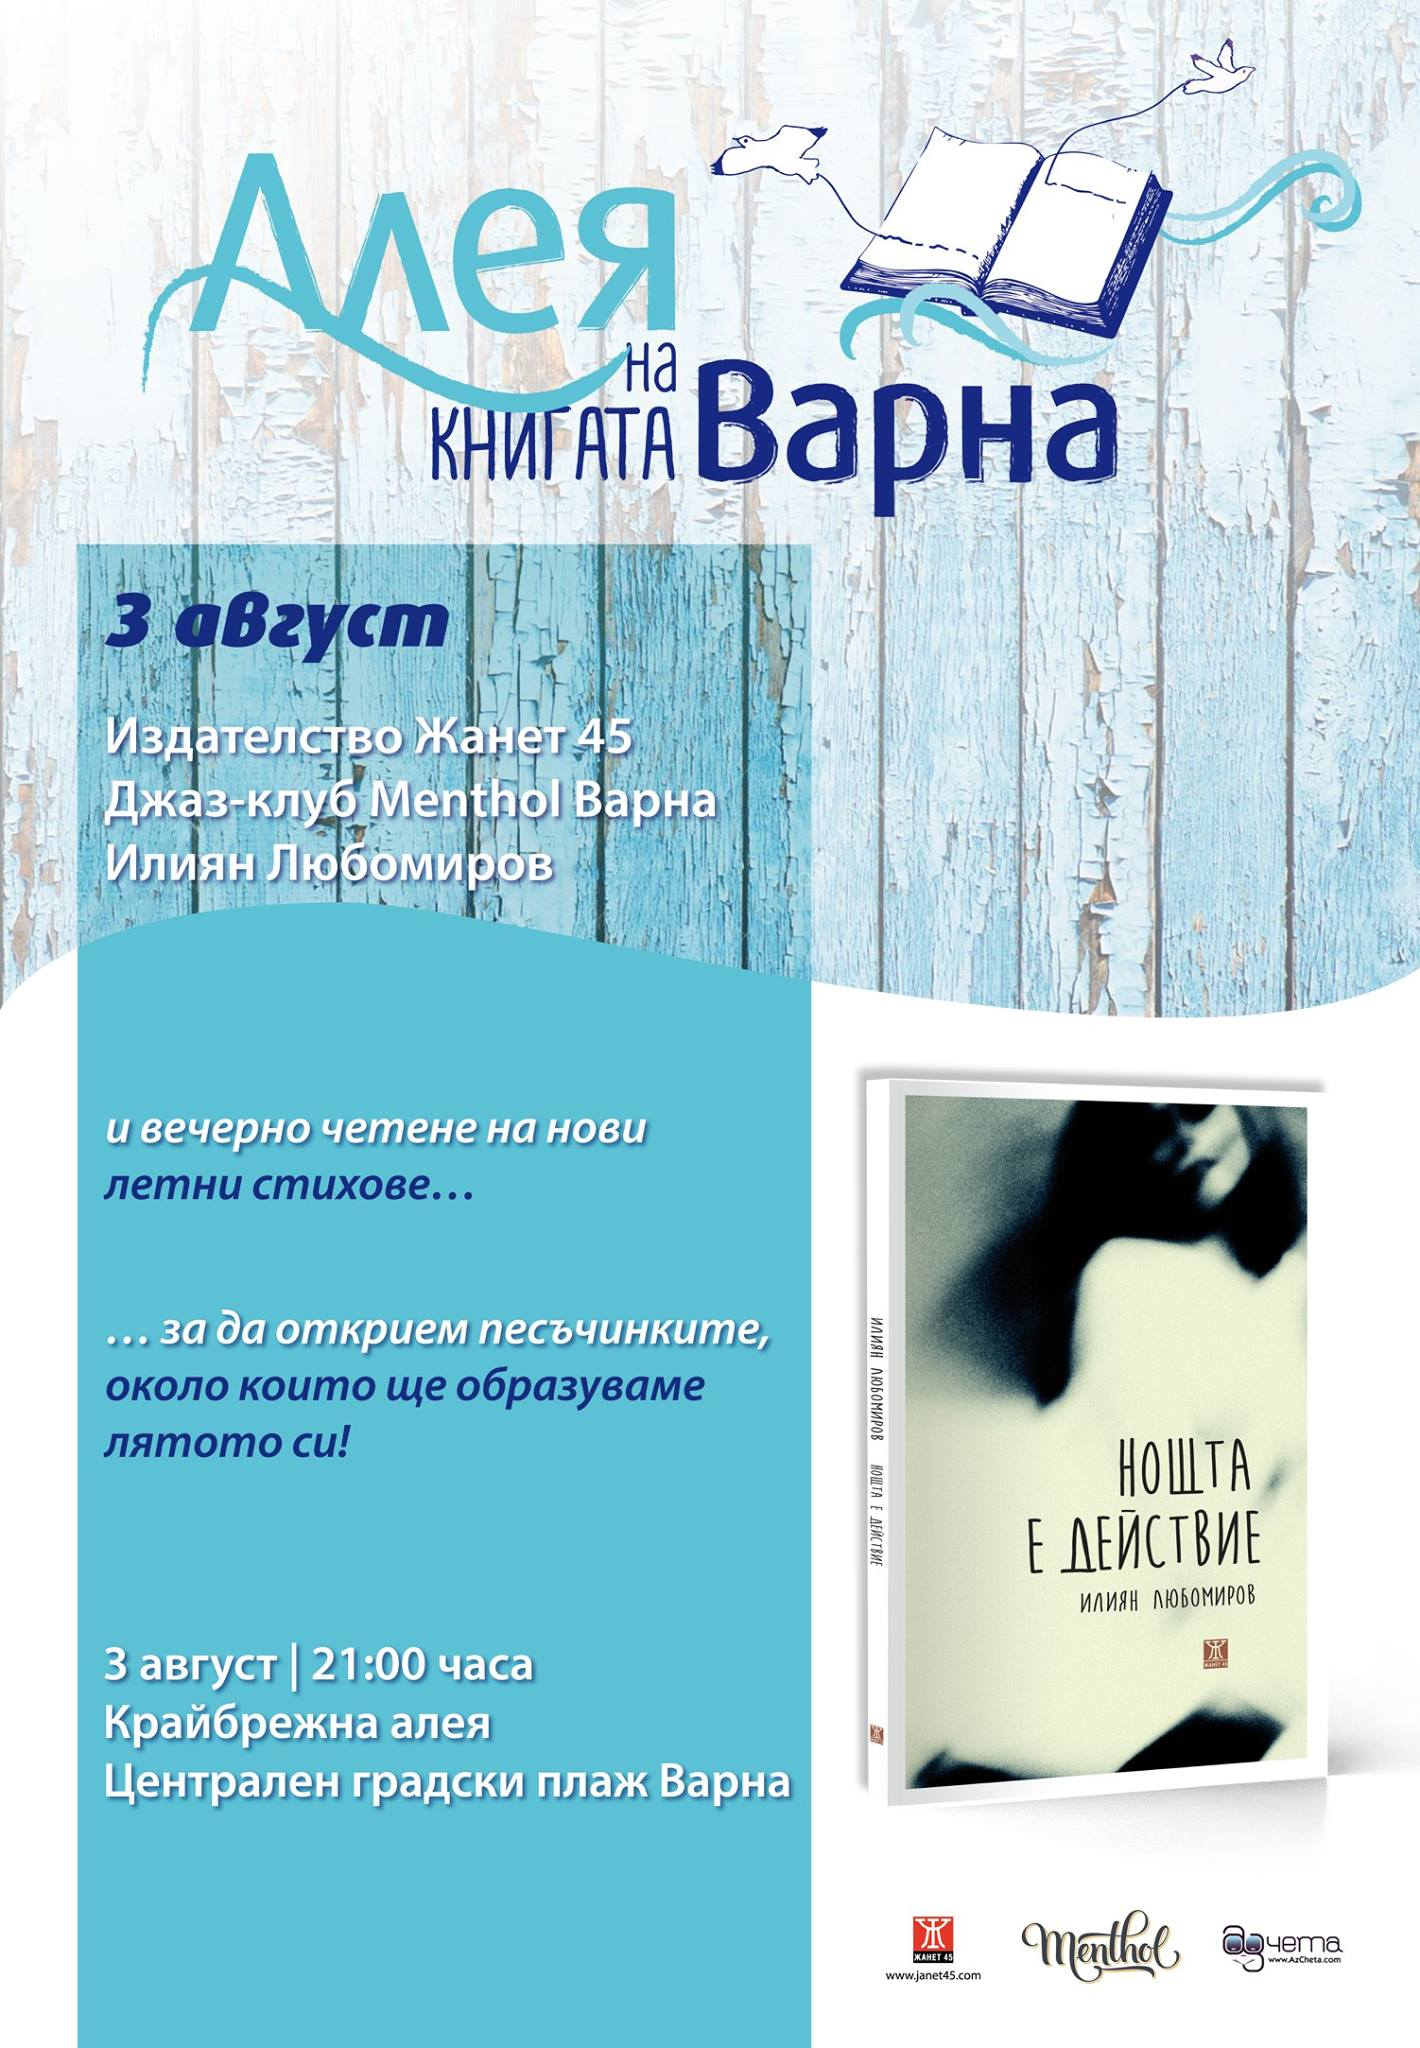 Вечерно четене на нови летни стихове с Илиян Любомиров